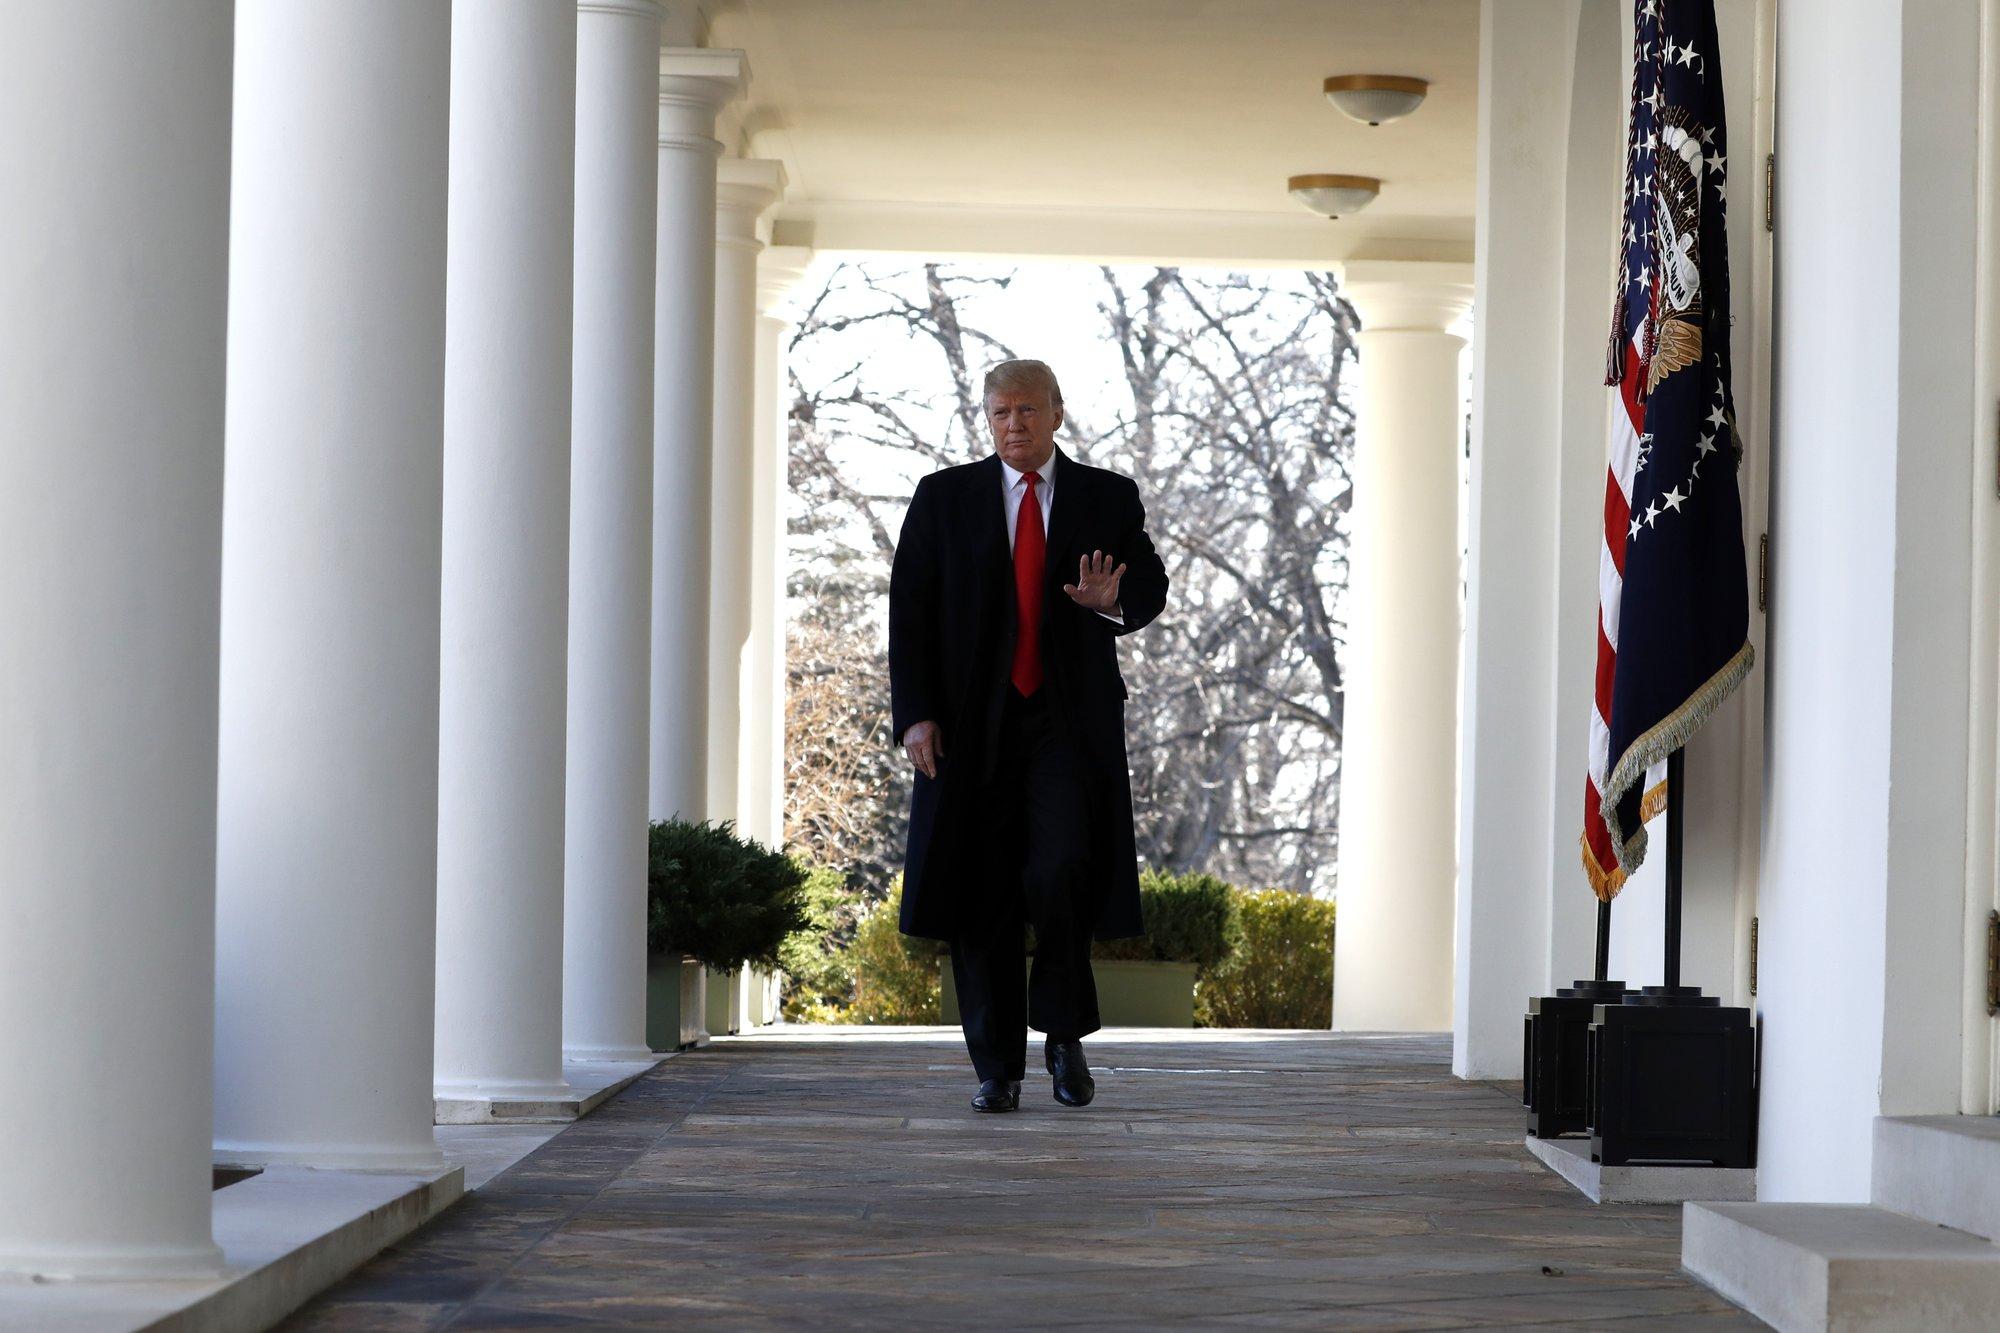 Trump, Congress leaders reach deal to end shutdown